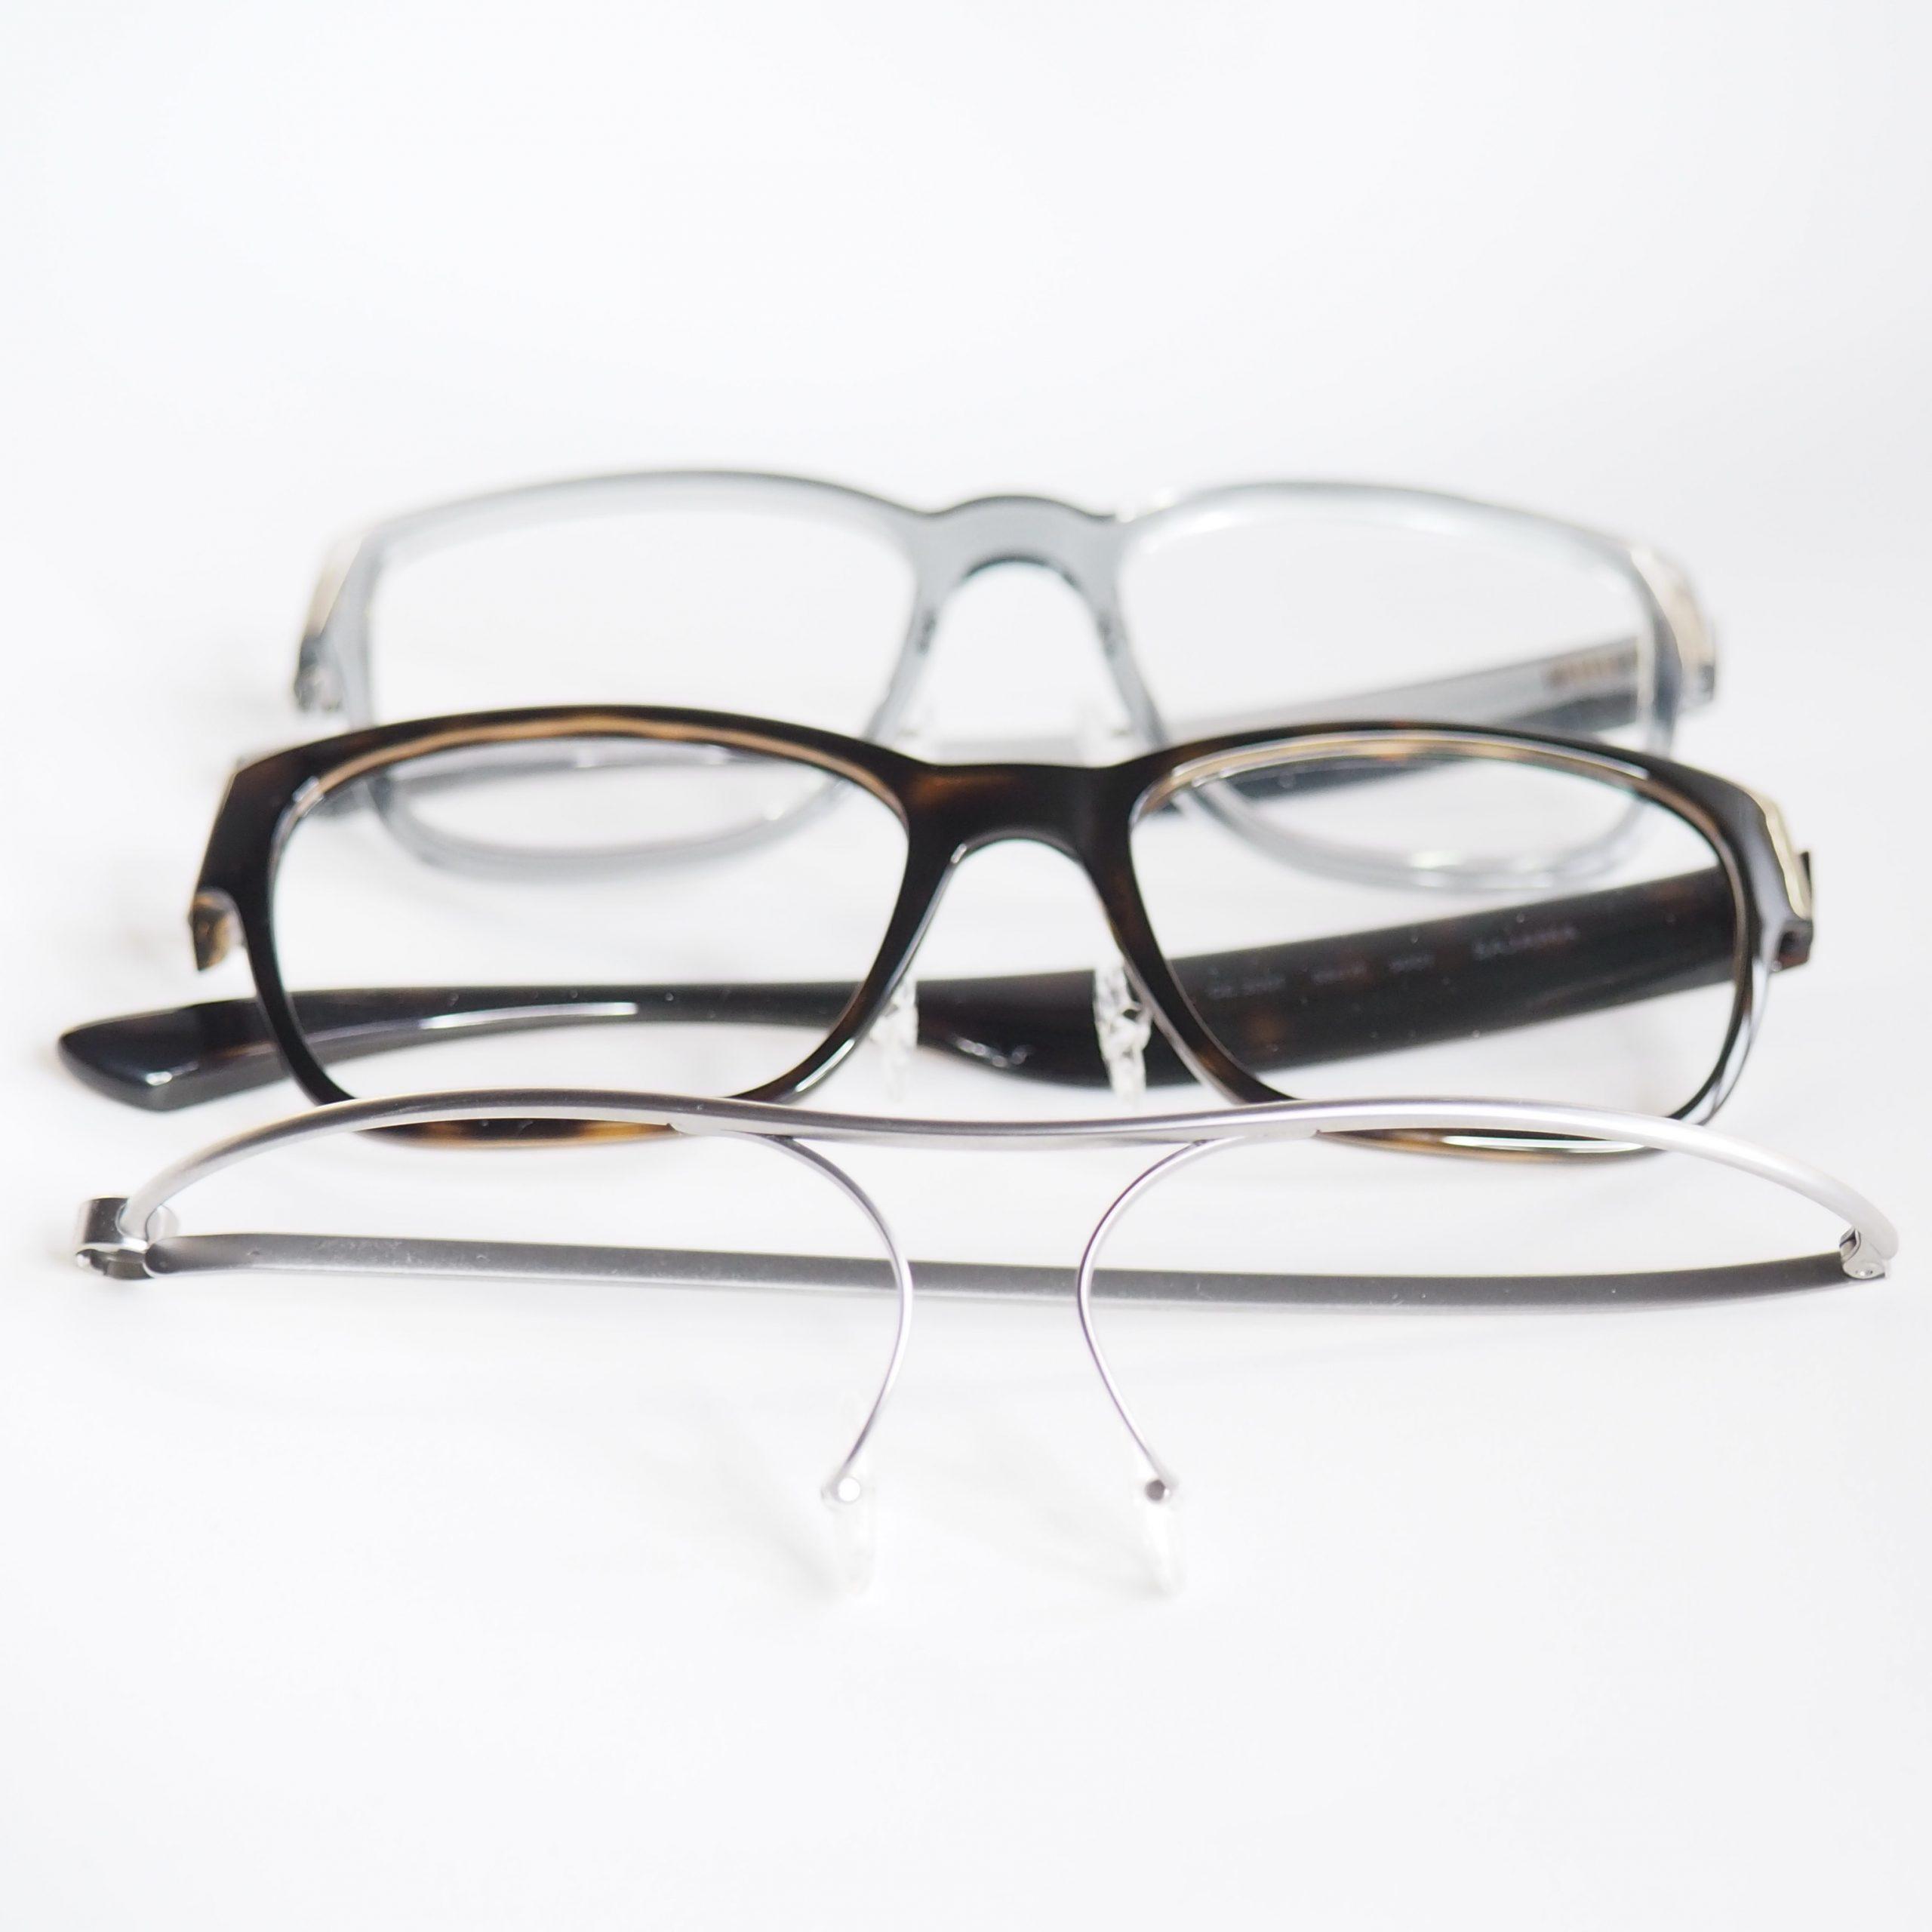 Drei verschiedene Brillengestelle, die für die Sondersteuerung munevo DRIVE genutzt werden können